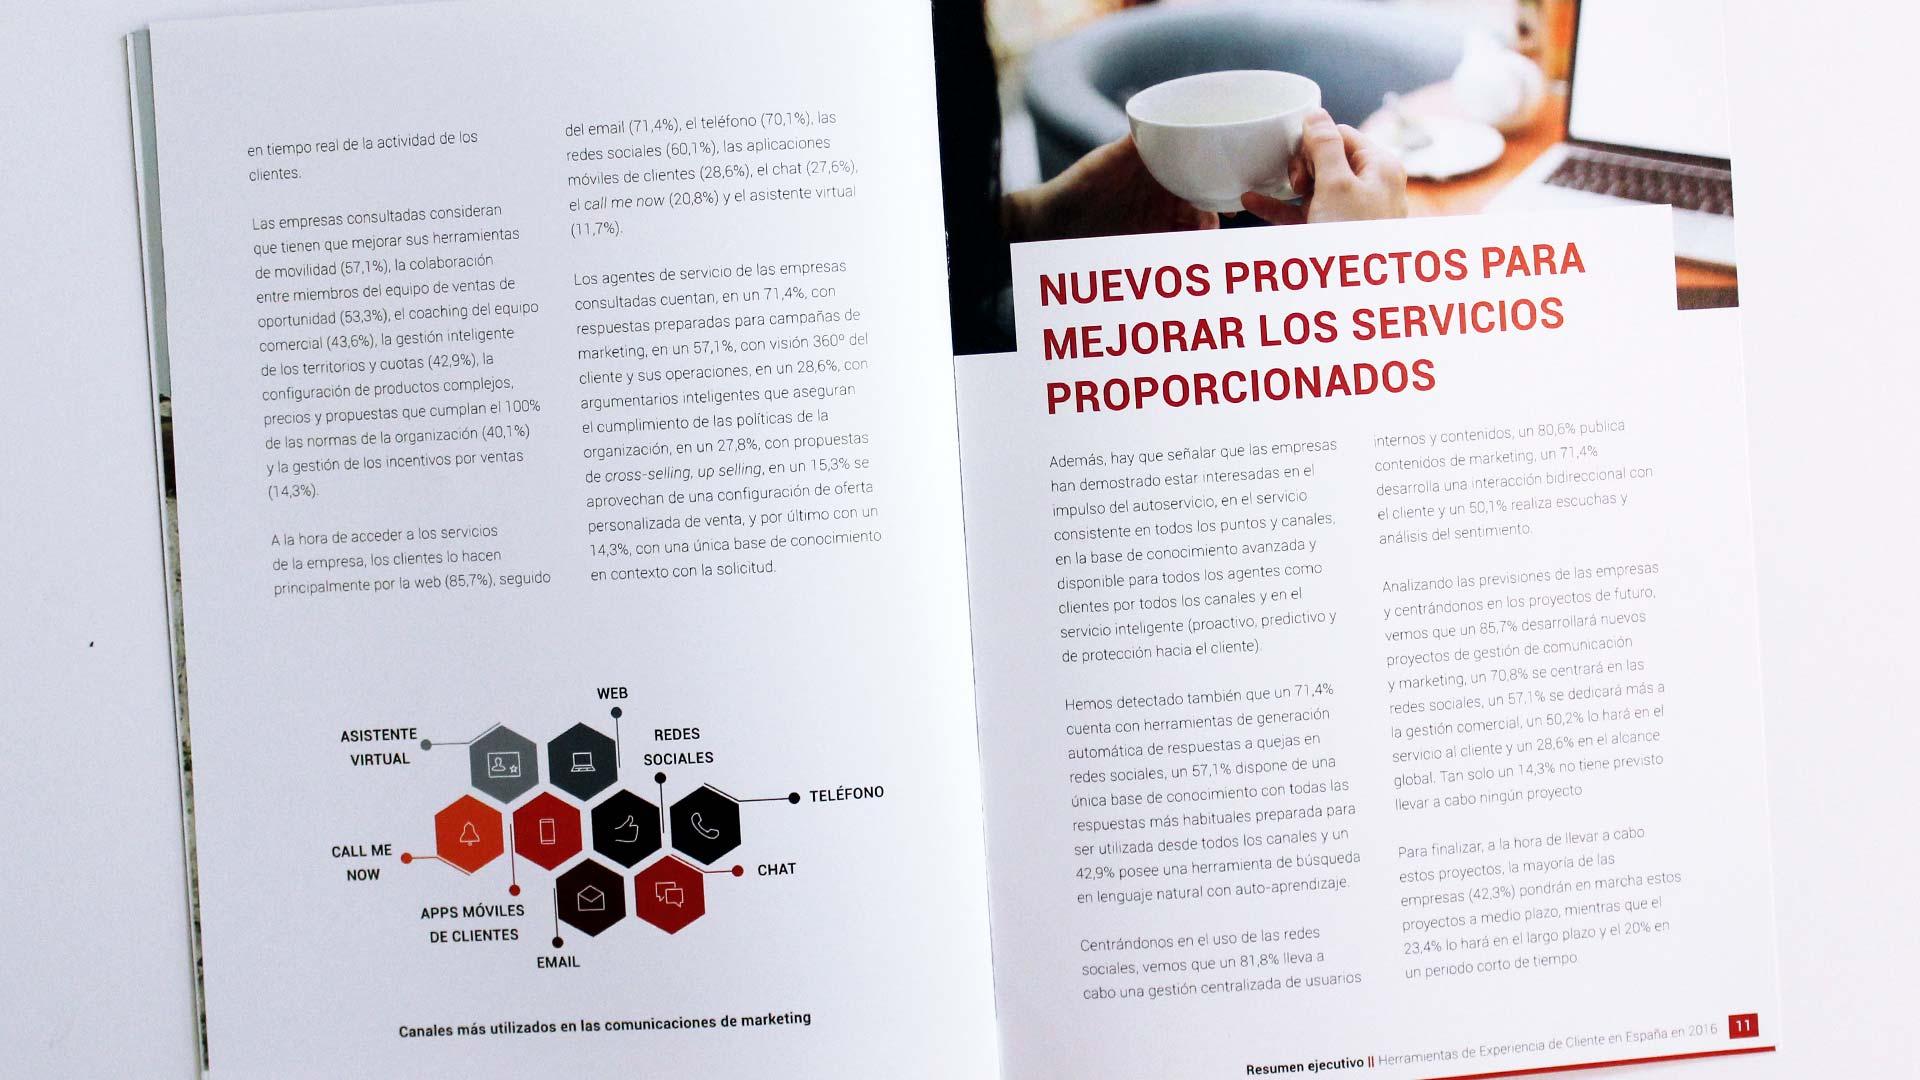 oracle-informe-ebook-content-marketing-evento-herramientas-experiencia-clienye-2016-07